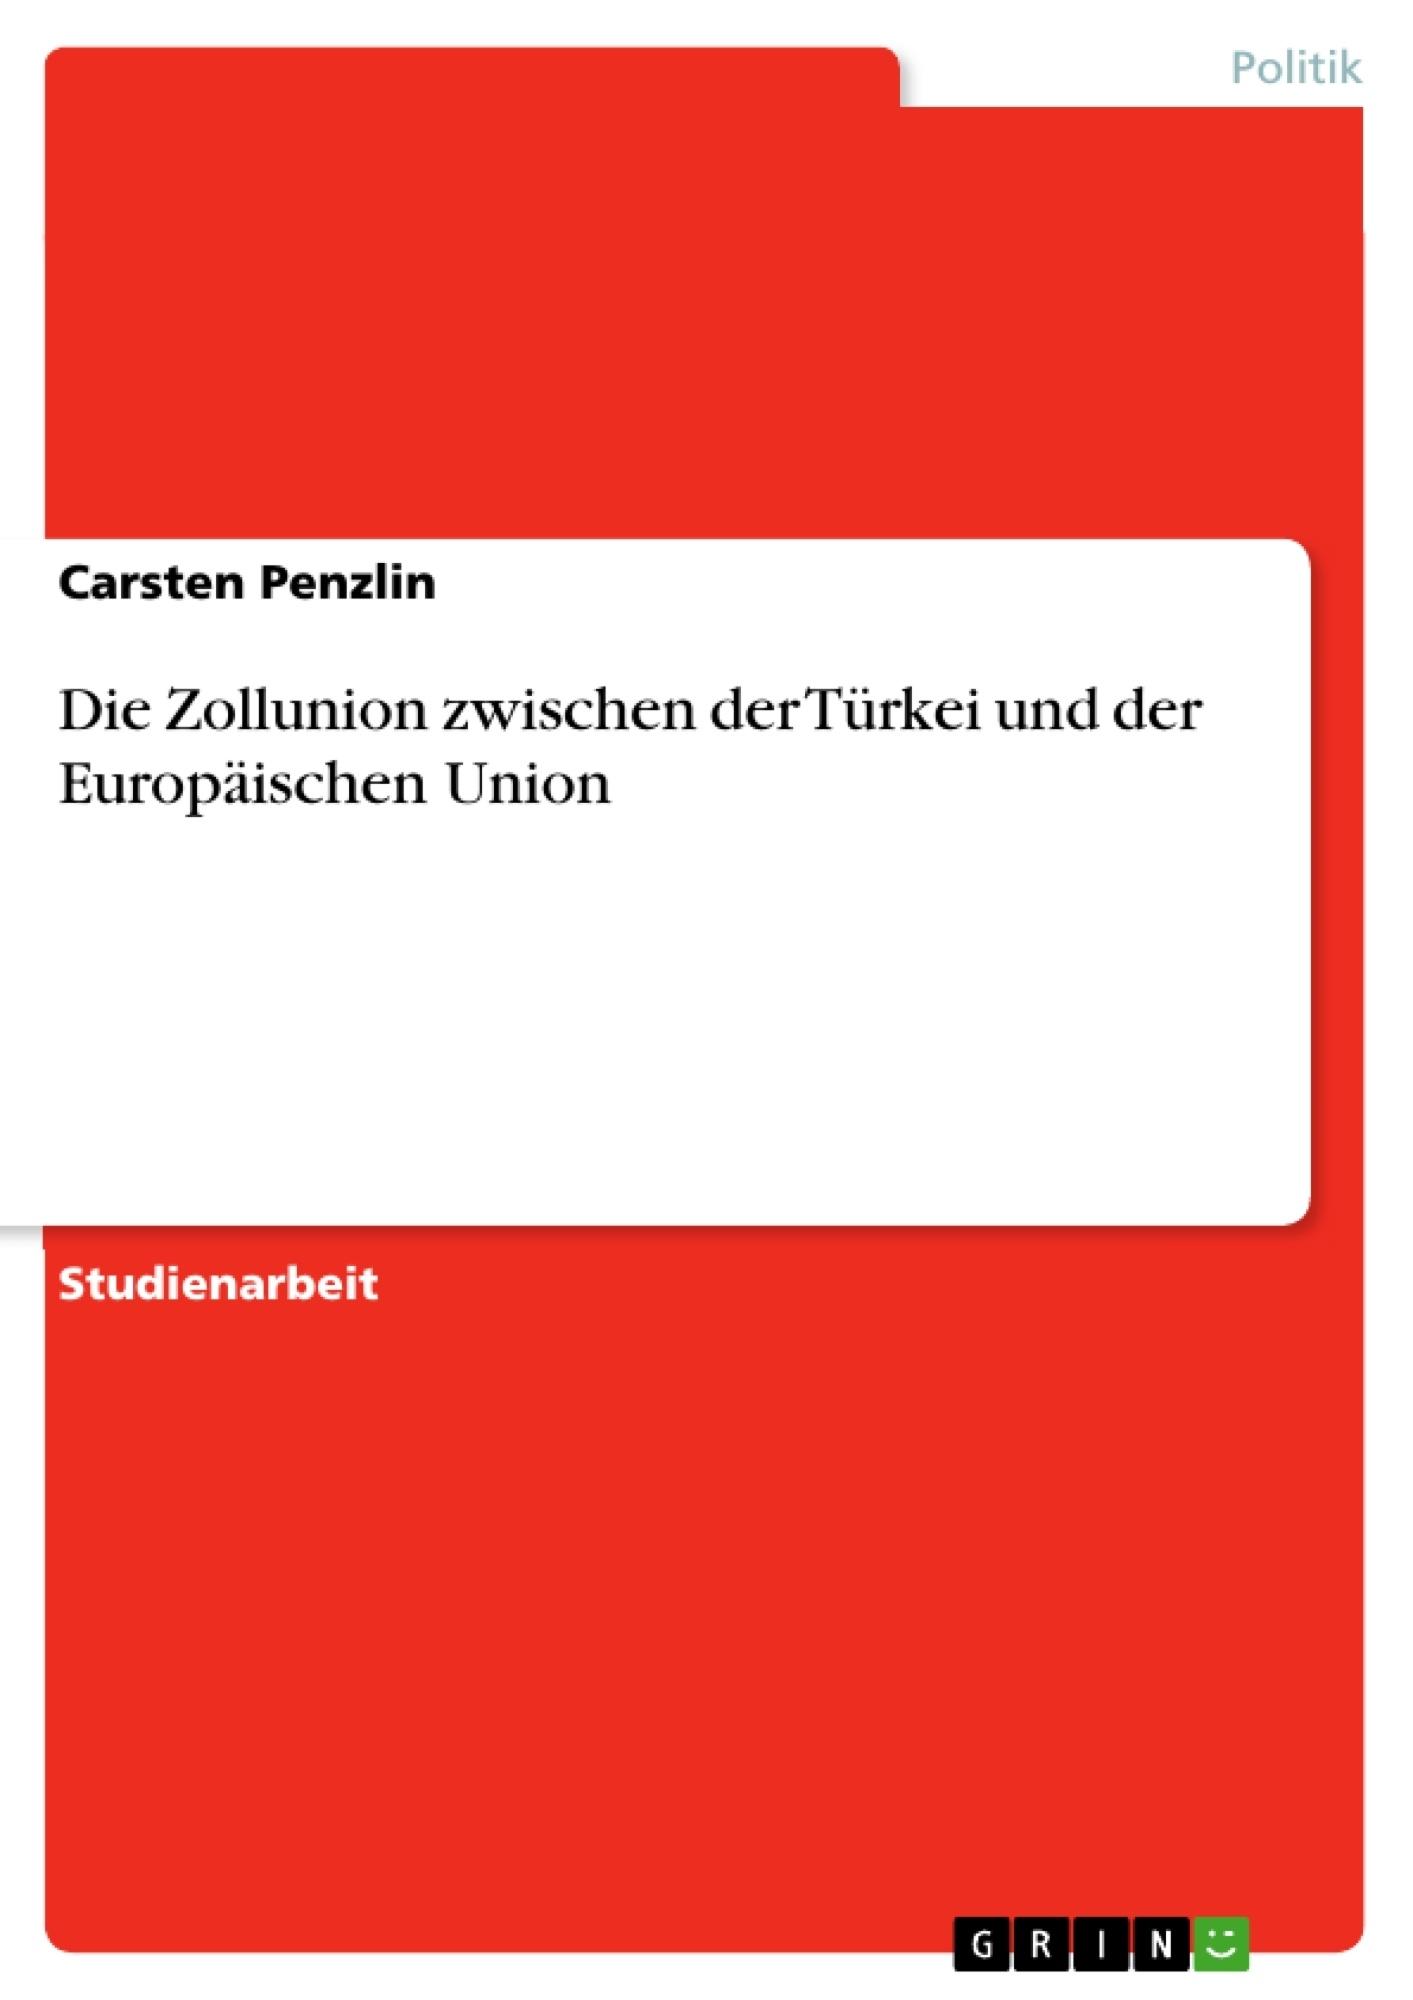 Titel: Die Zollunion zwischen der Türkei und der Europäischen Union